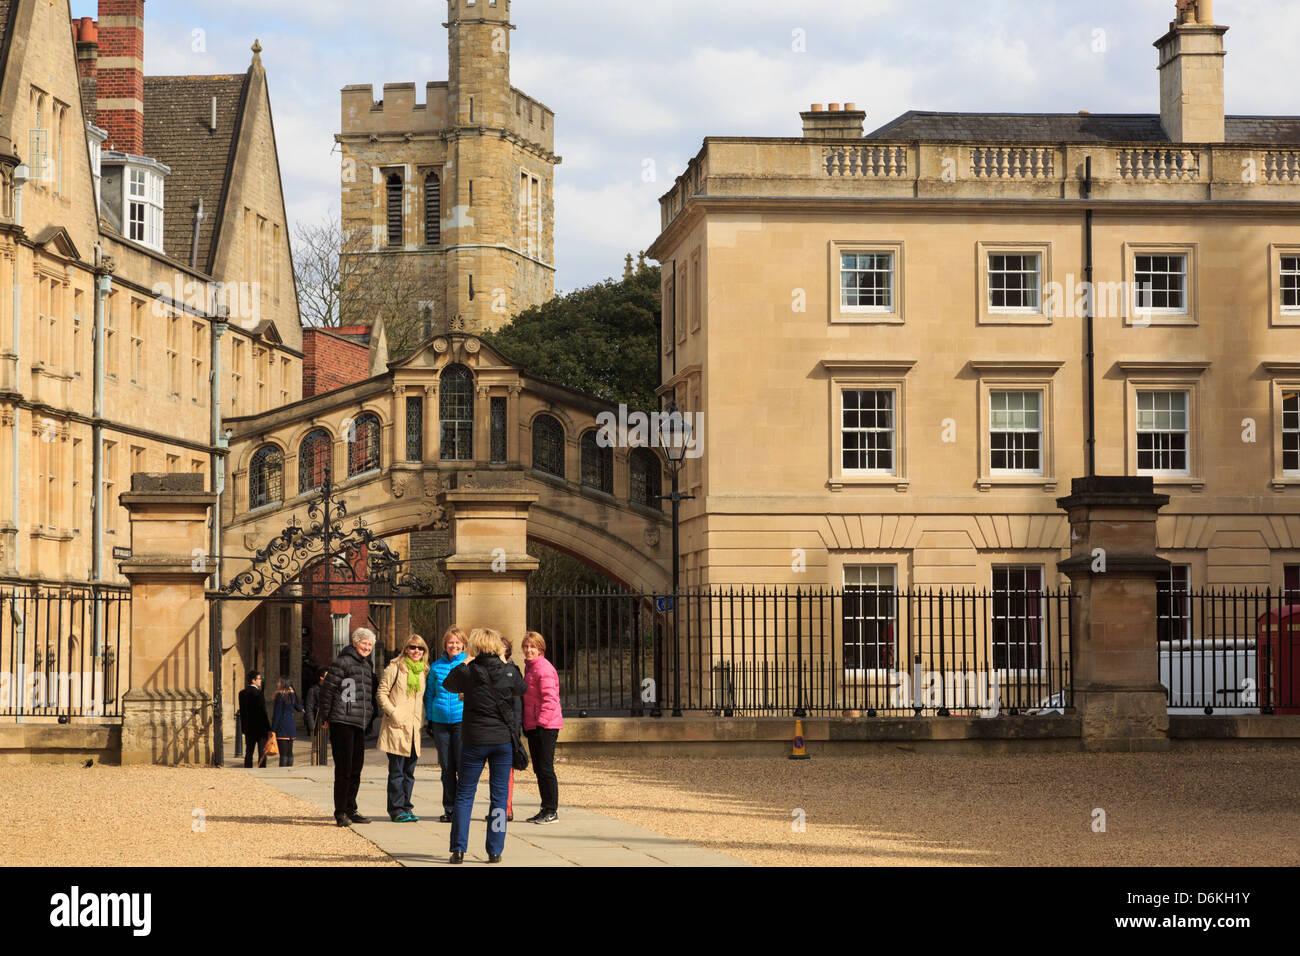 I turisti che è fotografata davanti al Ponte dei Sospiri e Hertford College di Oxford Inghilterra Regno Unito Immagini Stock